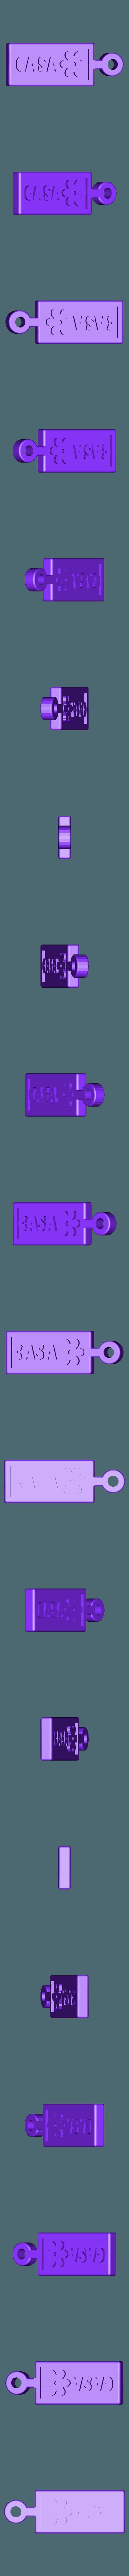 LLAVERO_CASA__Redondeado.stl Télécharger fichier STL gratuit LLAVERO CASA FLOR • Modèle pour impression 3D, celtarra12